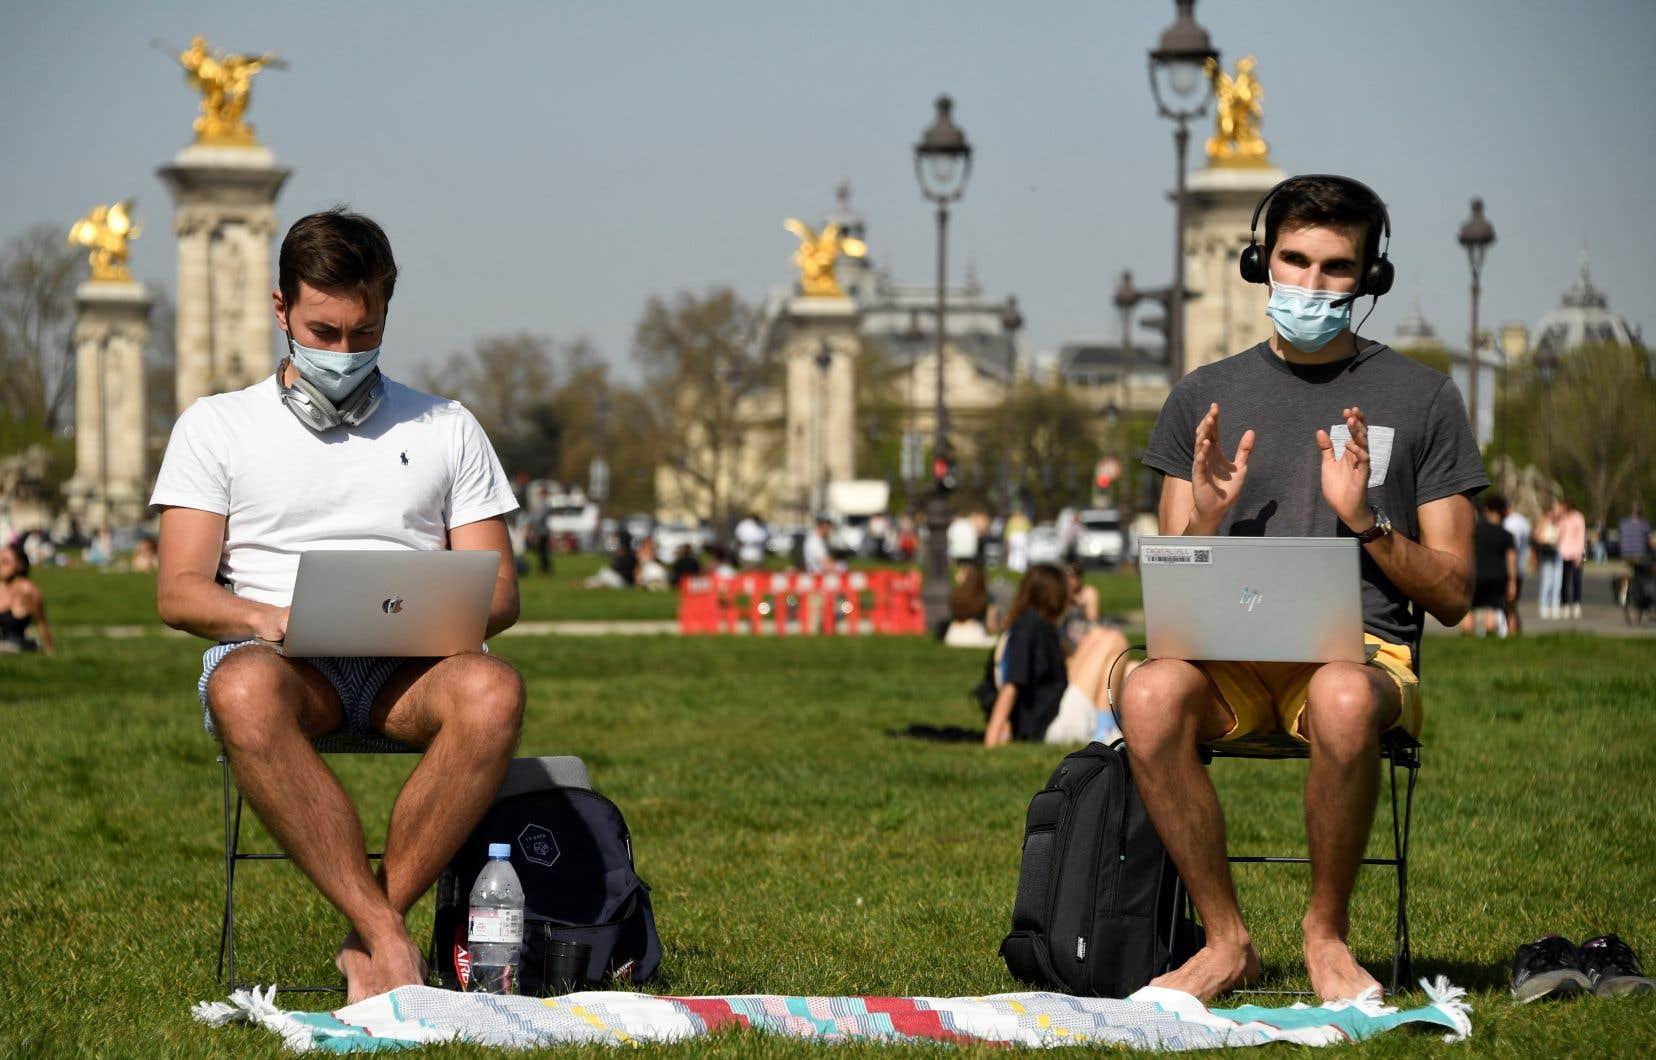 Deux hommes travaillant, les pieds dans l'herbe, devant l'hôtel des Invalides, à Paris